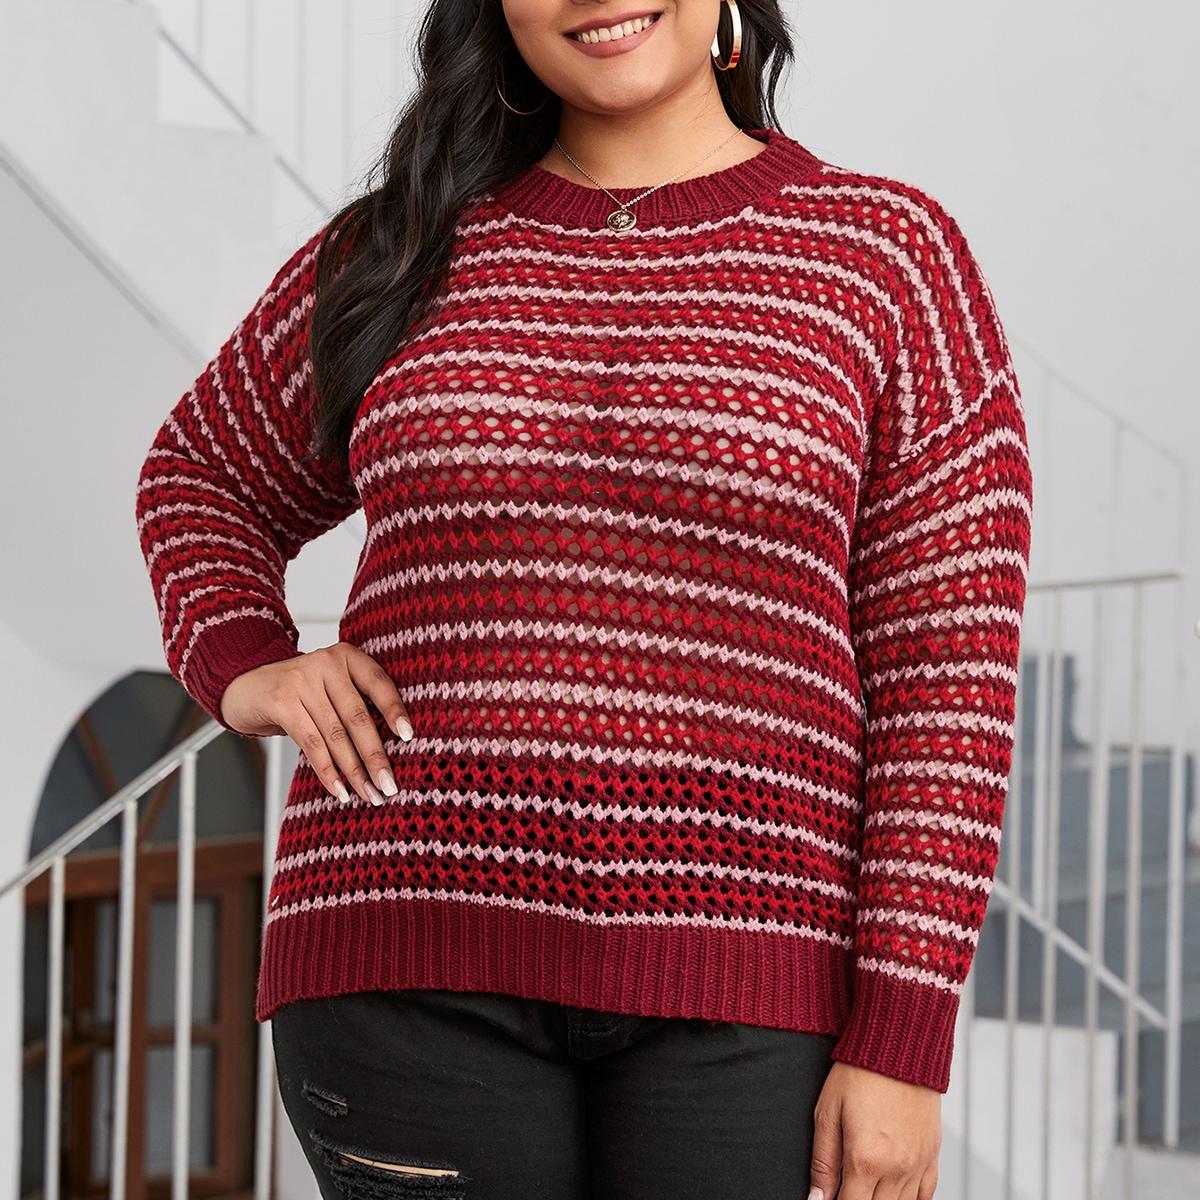 Трикотажный свитер в полоску размера плюс